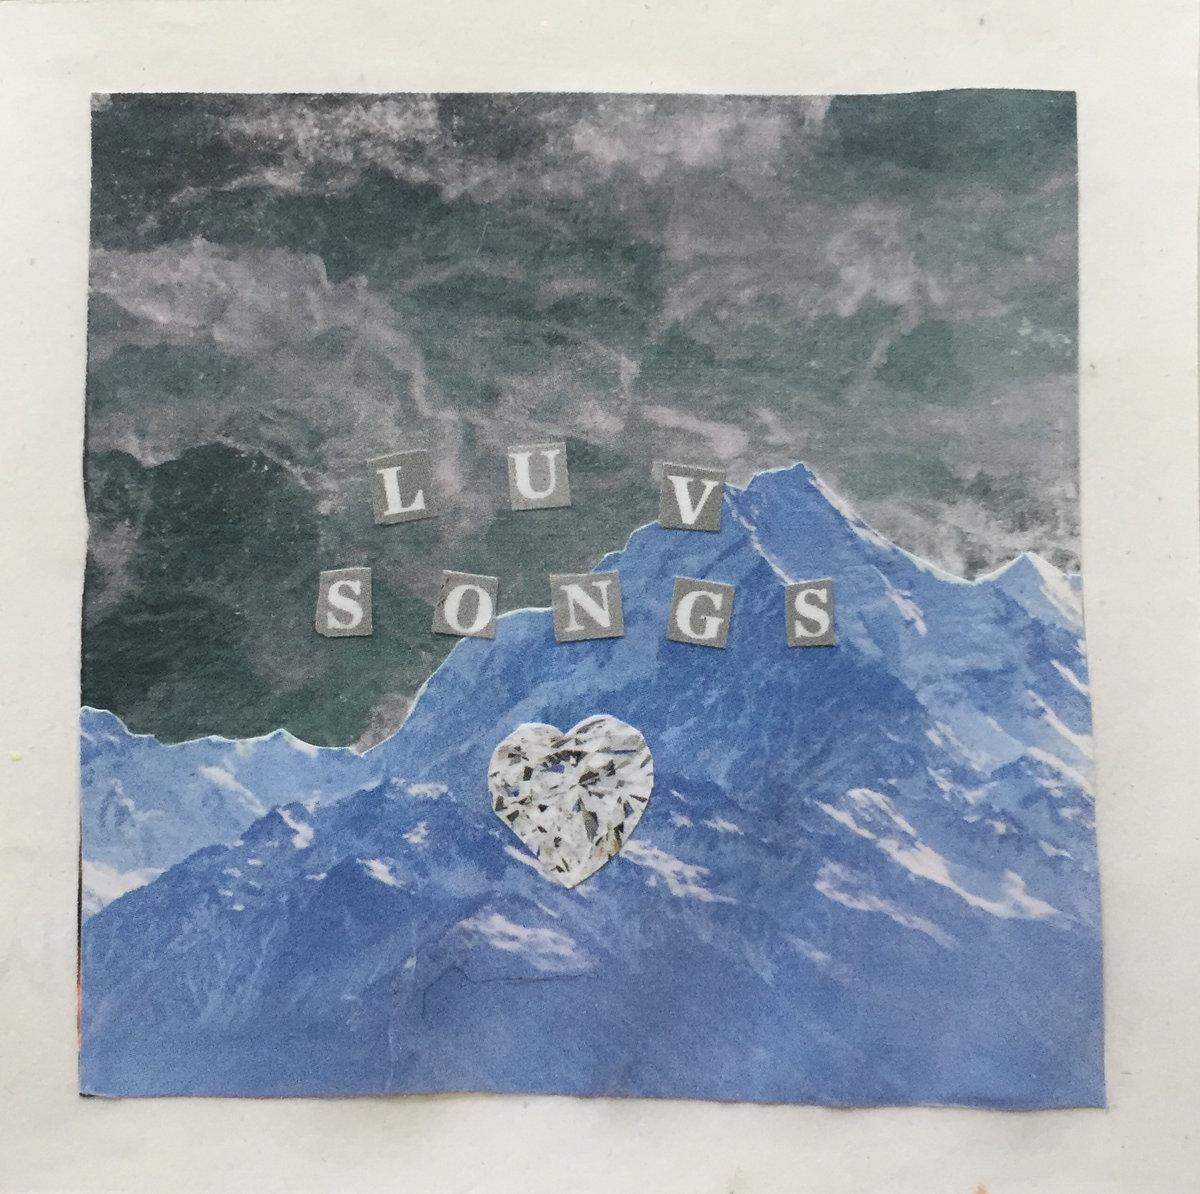 Arbour: Luv Songs